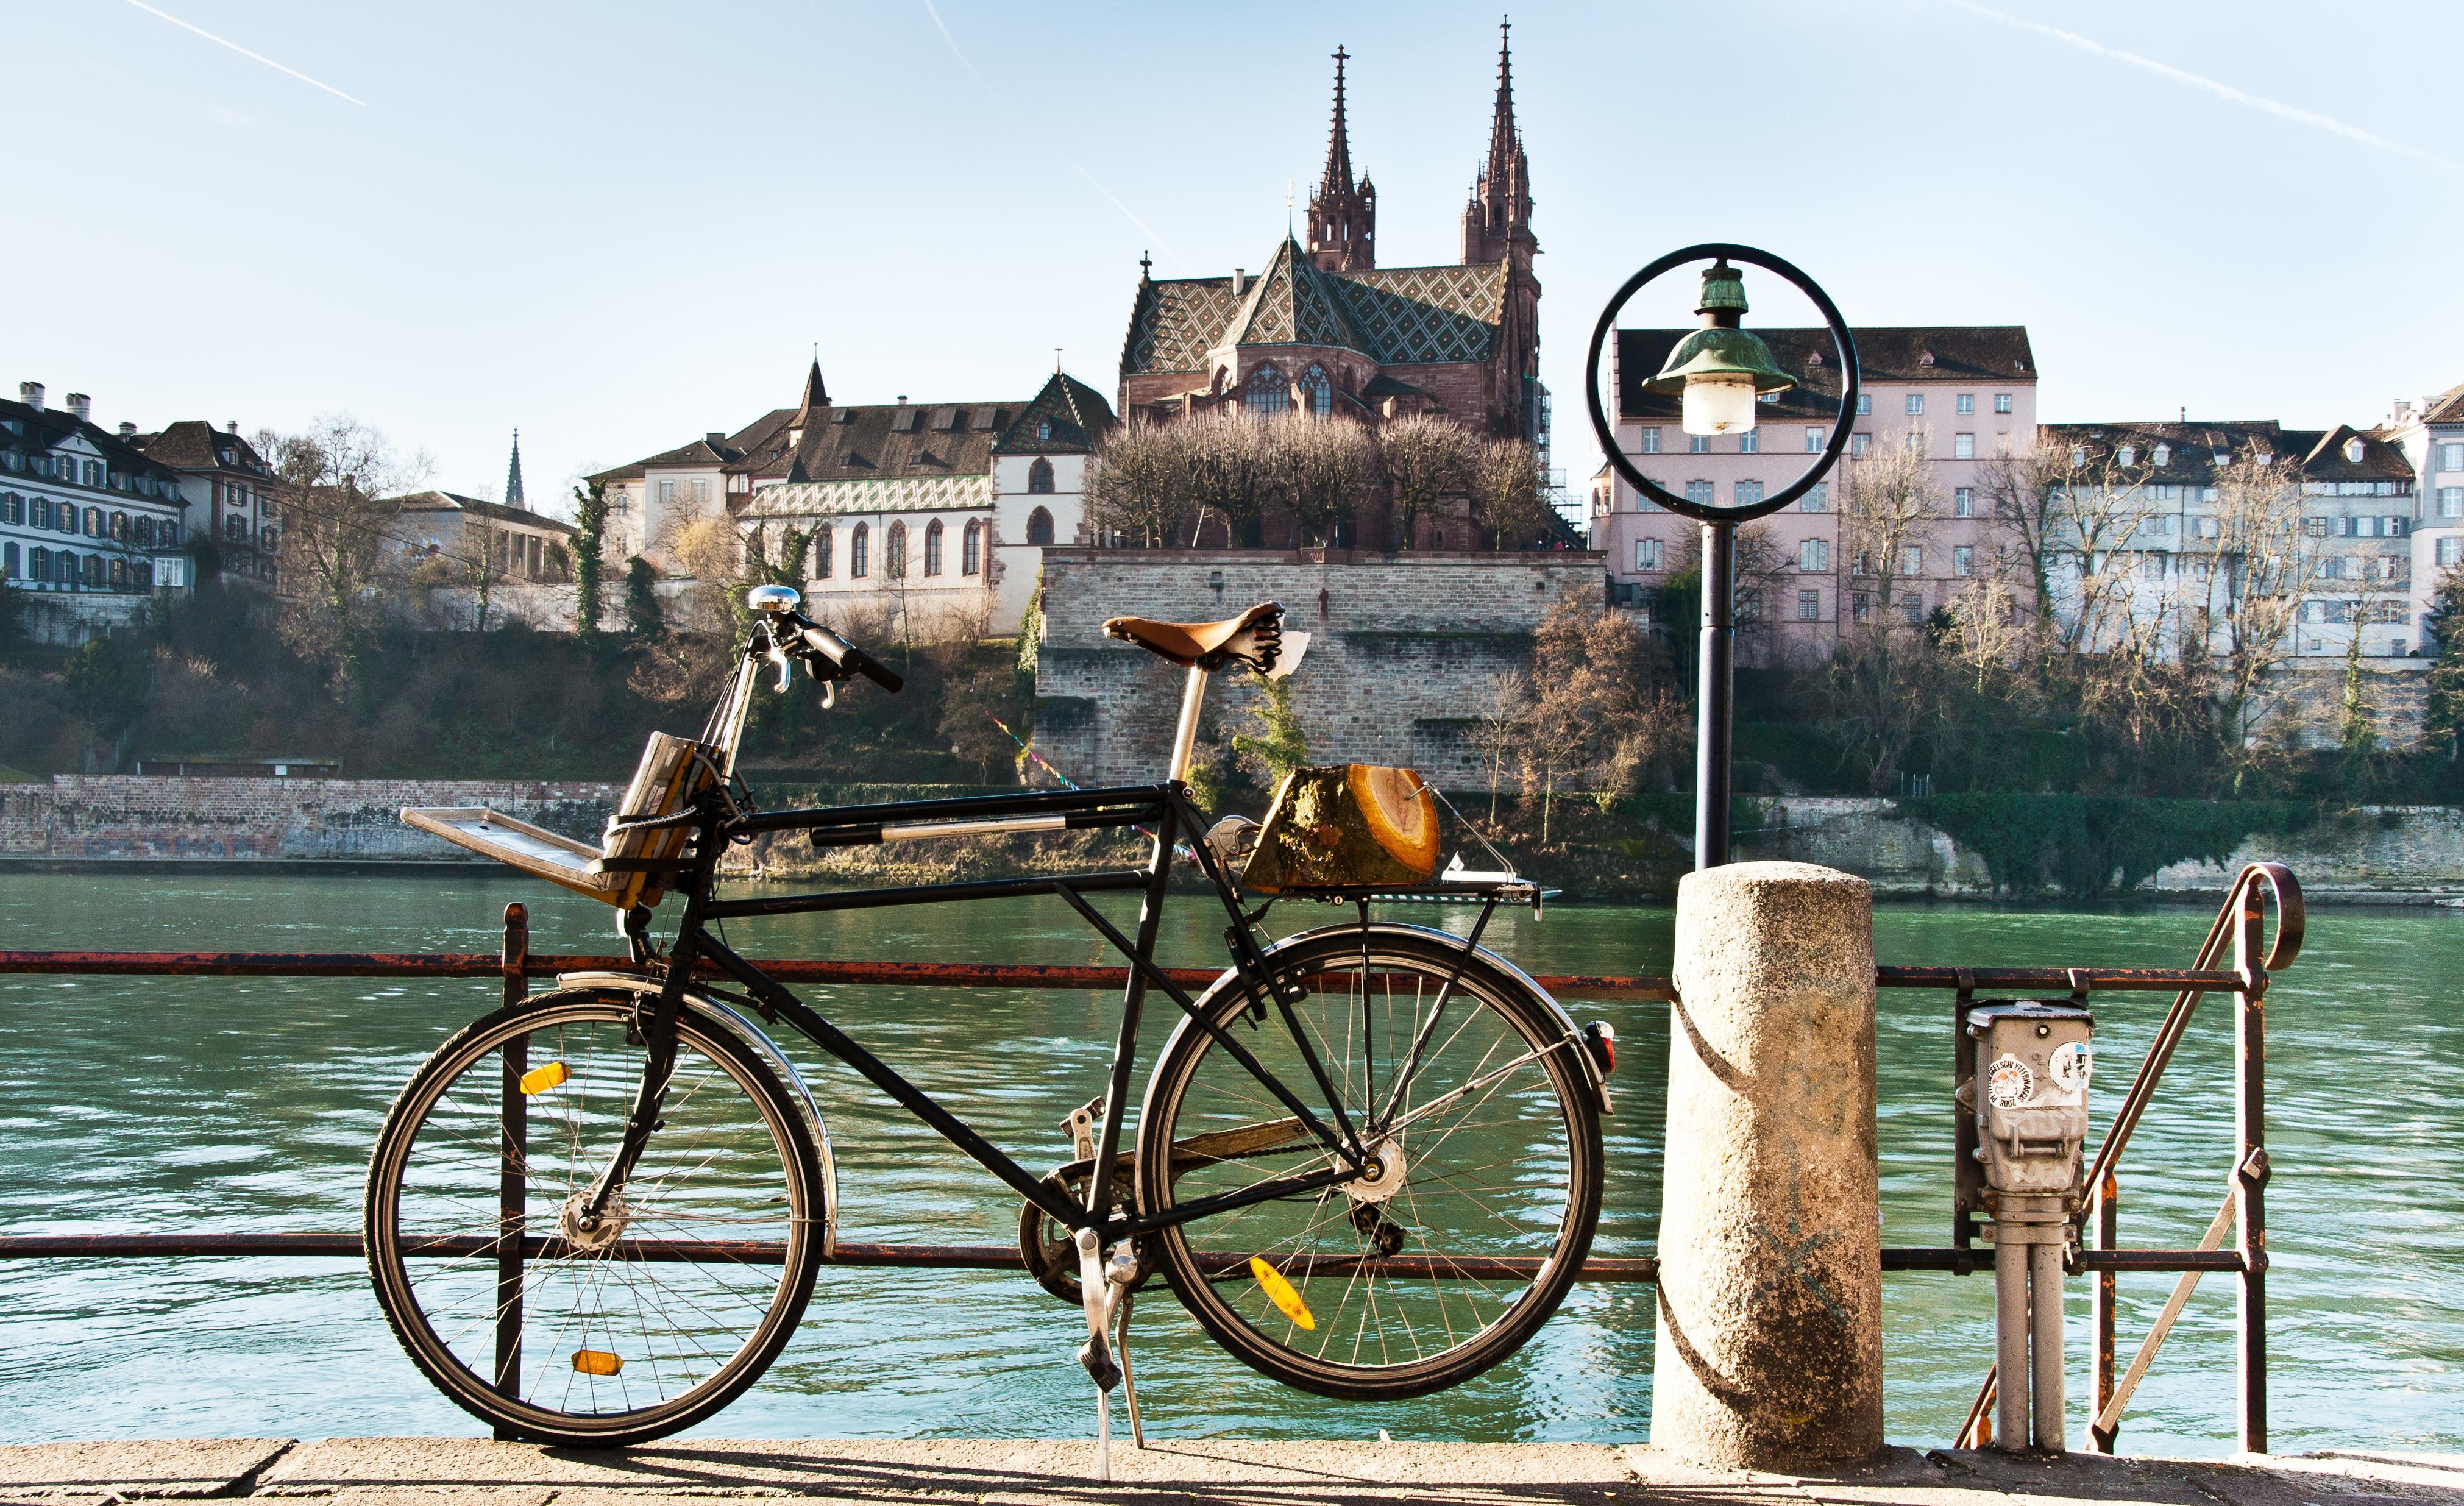 Fahrrad in 79219 Staufen im Breisgau für € 300,00 zum